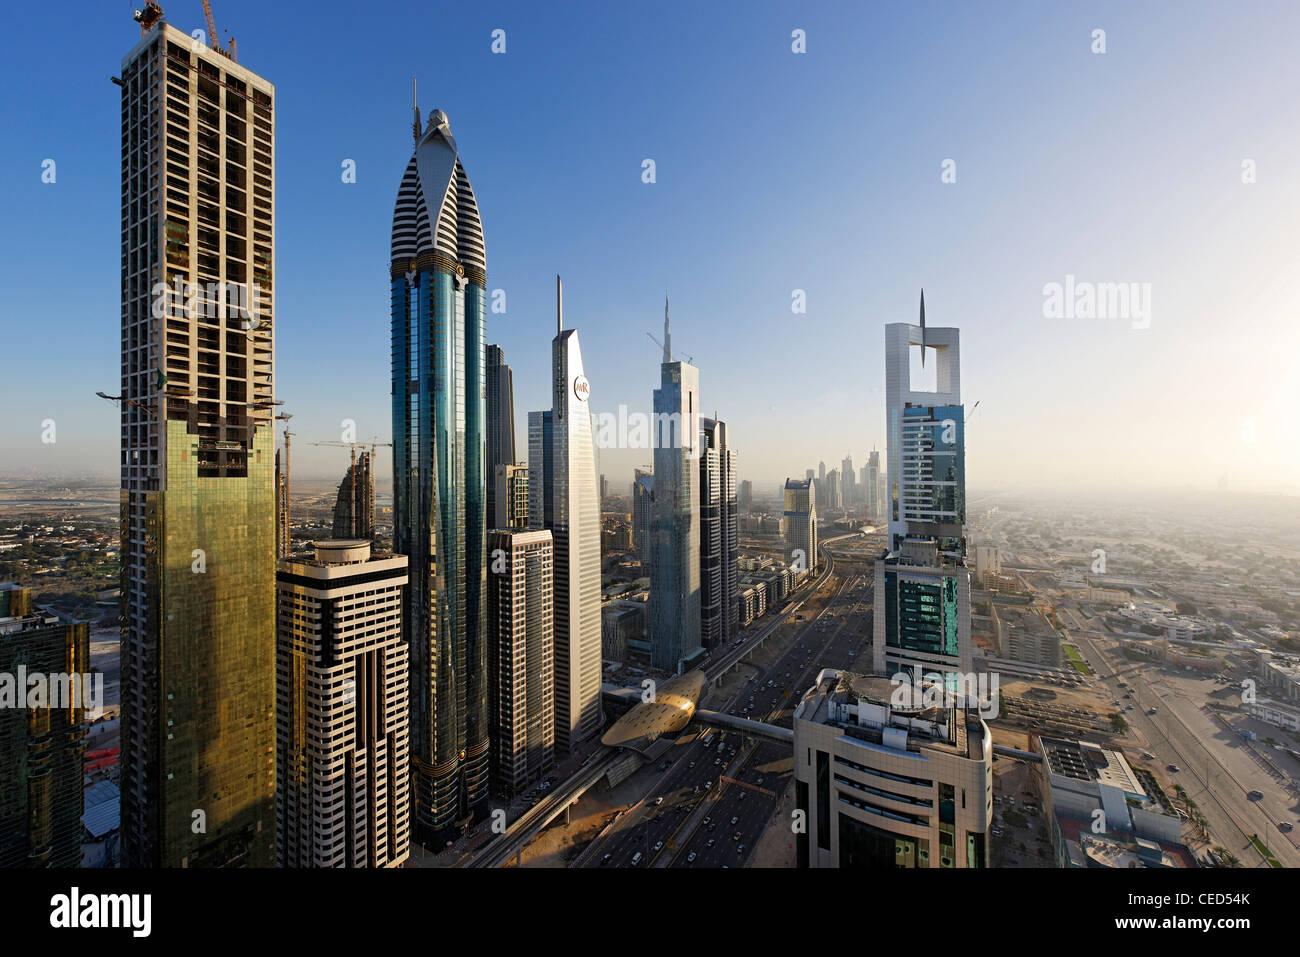 Vista del centro de Dubai, a la izquierda ROSE RAYHAAN por Rotana, torres, rascacielos, hoteles, la arquitectura Imagen De Stock